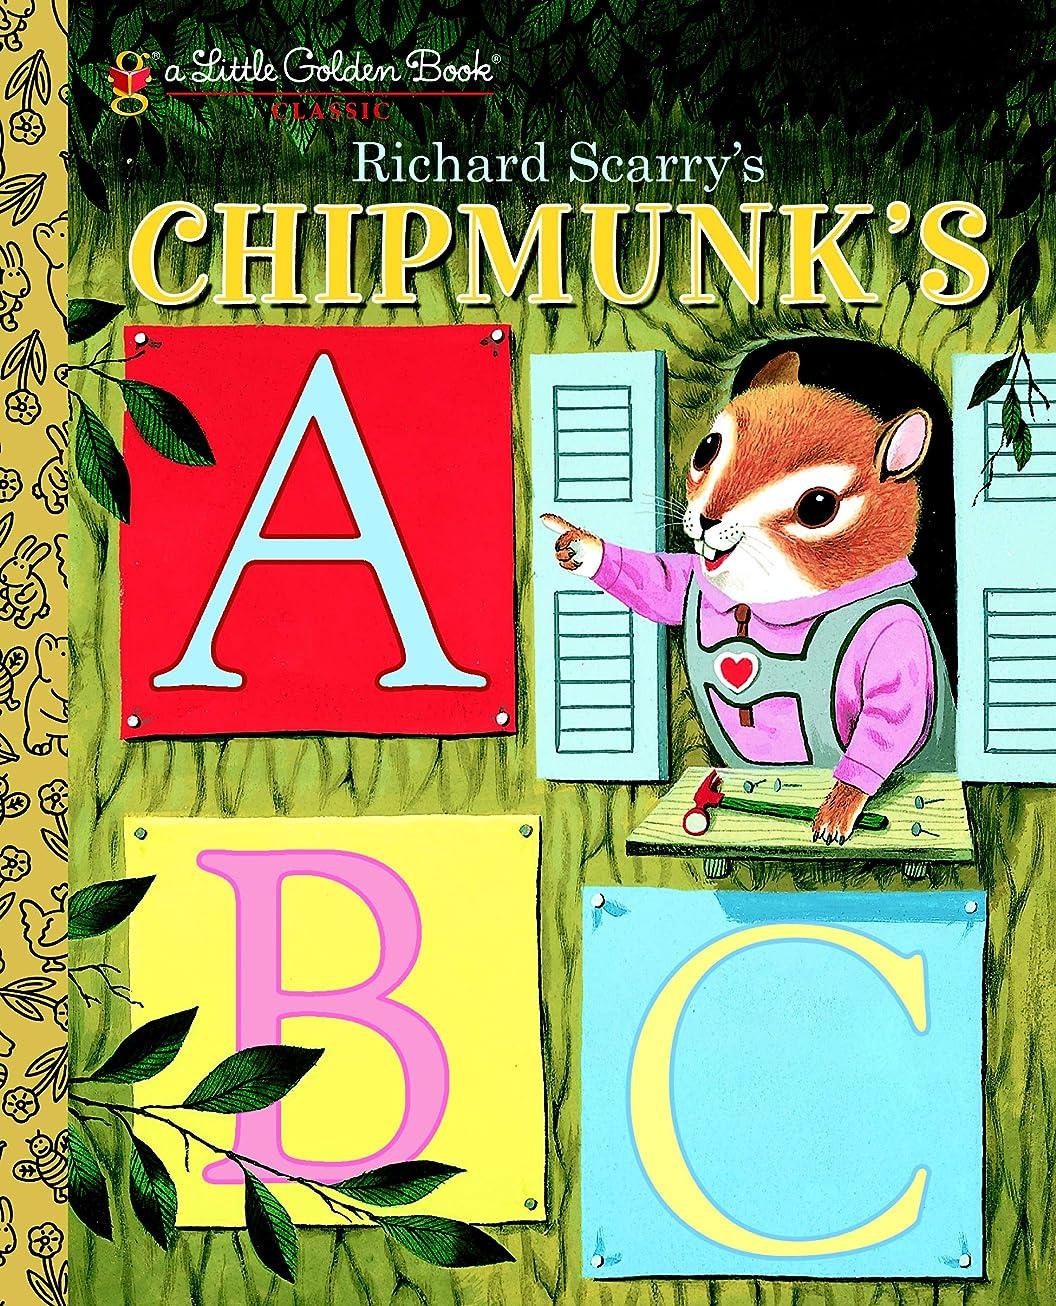 ハンサム玉反応するRichard Scarry's Chipmunk's ABC (Little Golden Book) (English Edition)